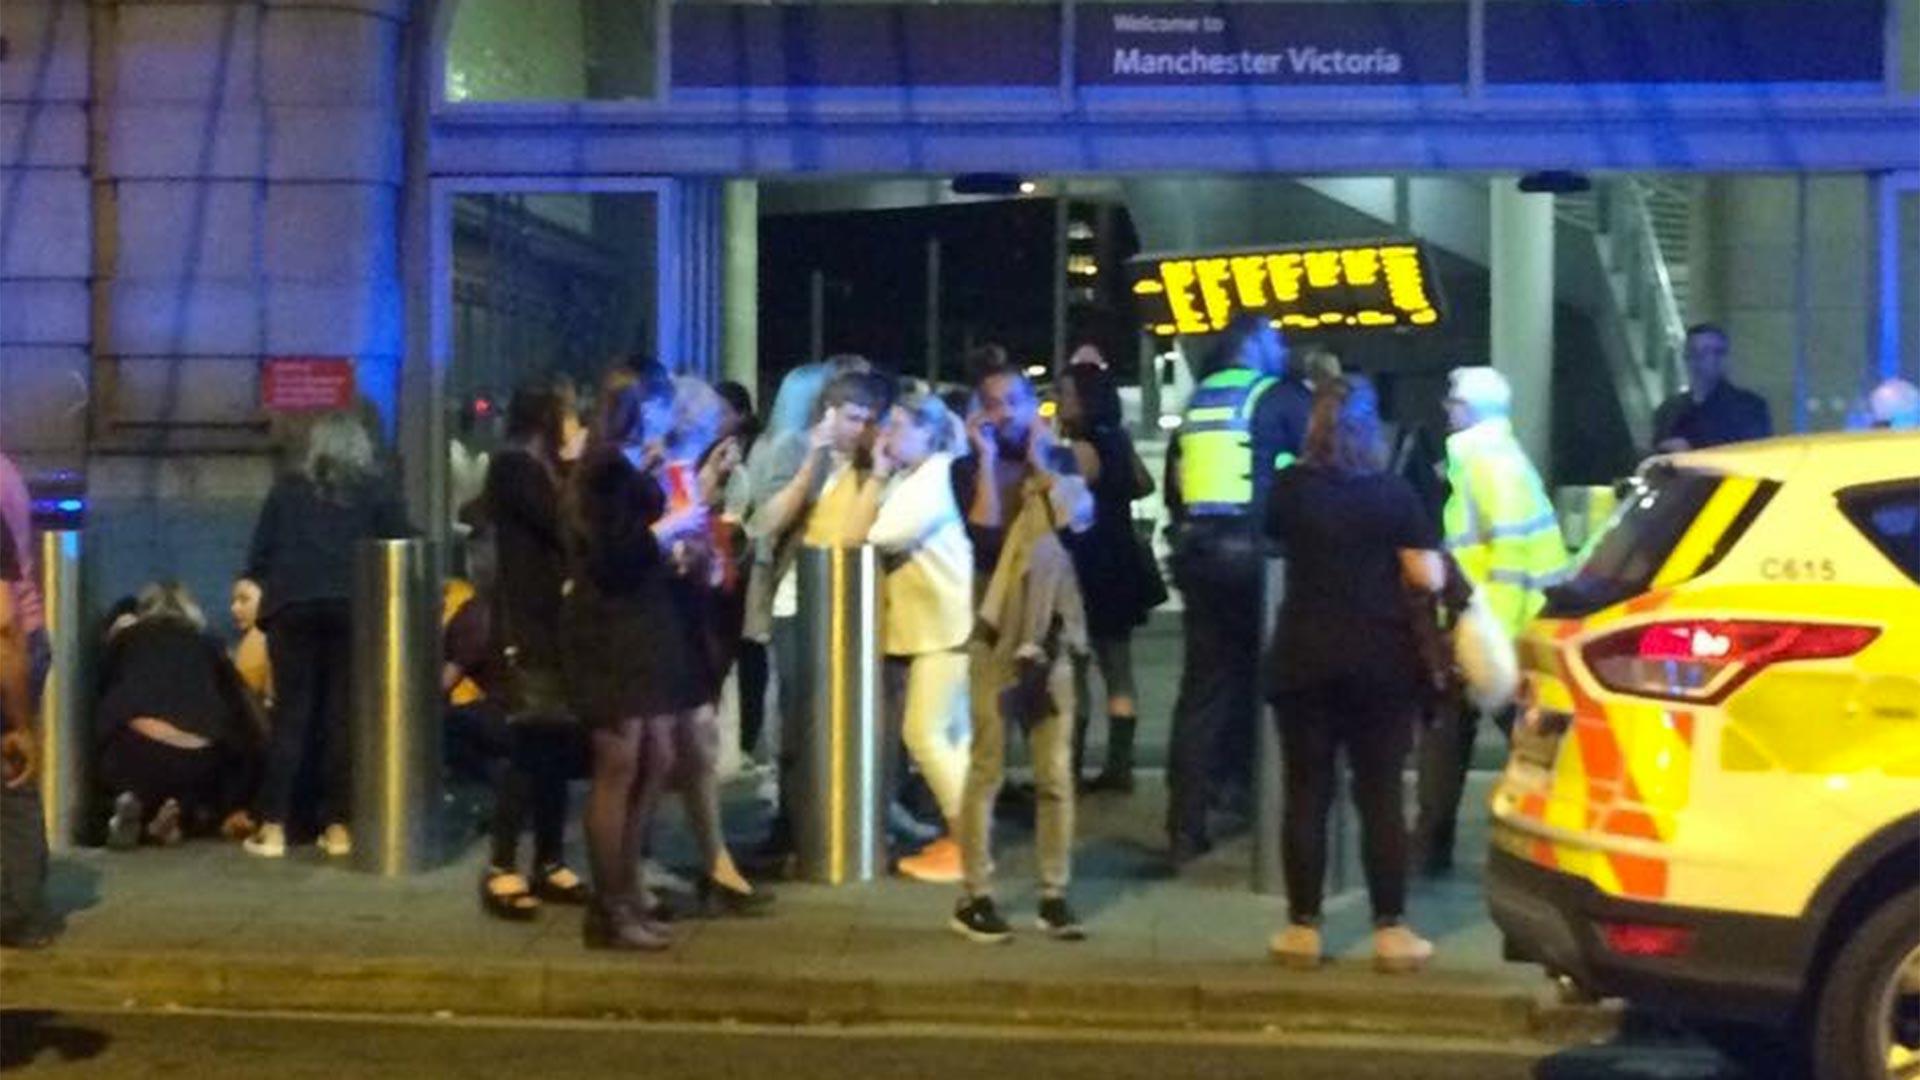 Una alerta del servicio de National Rail dijo que los trenes serían incapaces de ir desde o hacia la estación de Manchester Victoria, por lo que algunos estarán cancelados en estaciones alternativas, una interrupción que continuara hasta el final del día